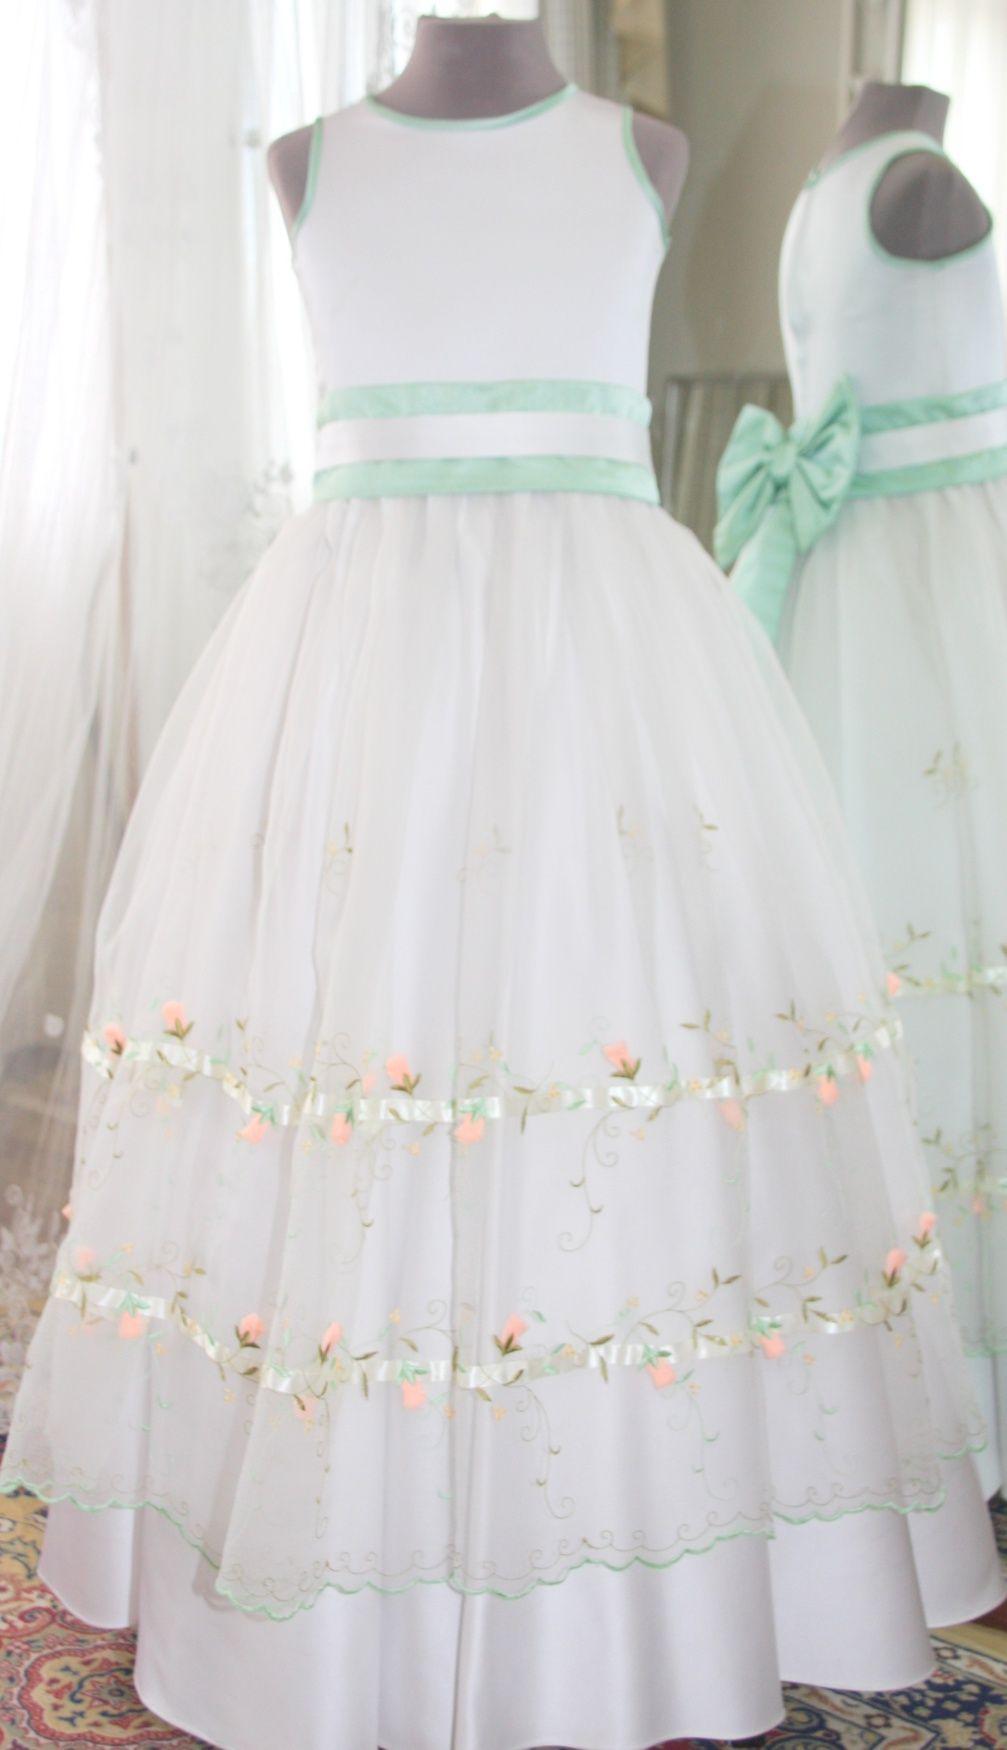 Vestidos para Daminha - 134 - Hipnose Alta Costura e Spa para Noivas e Noivos - Campinas - SP Vestido de Daminha, Vestido para Daminha de Casamento, Hipnose Alta Costura